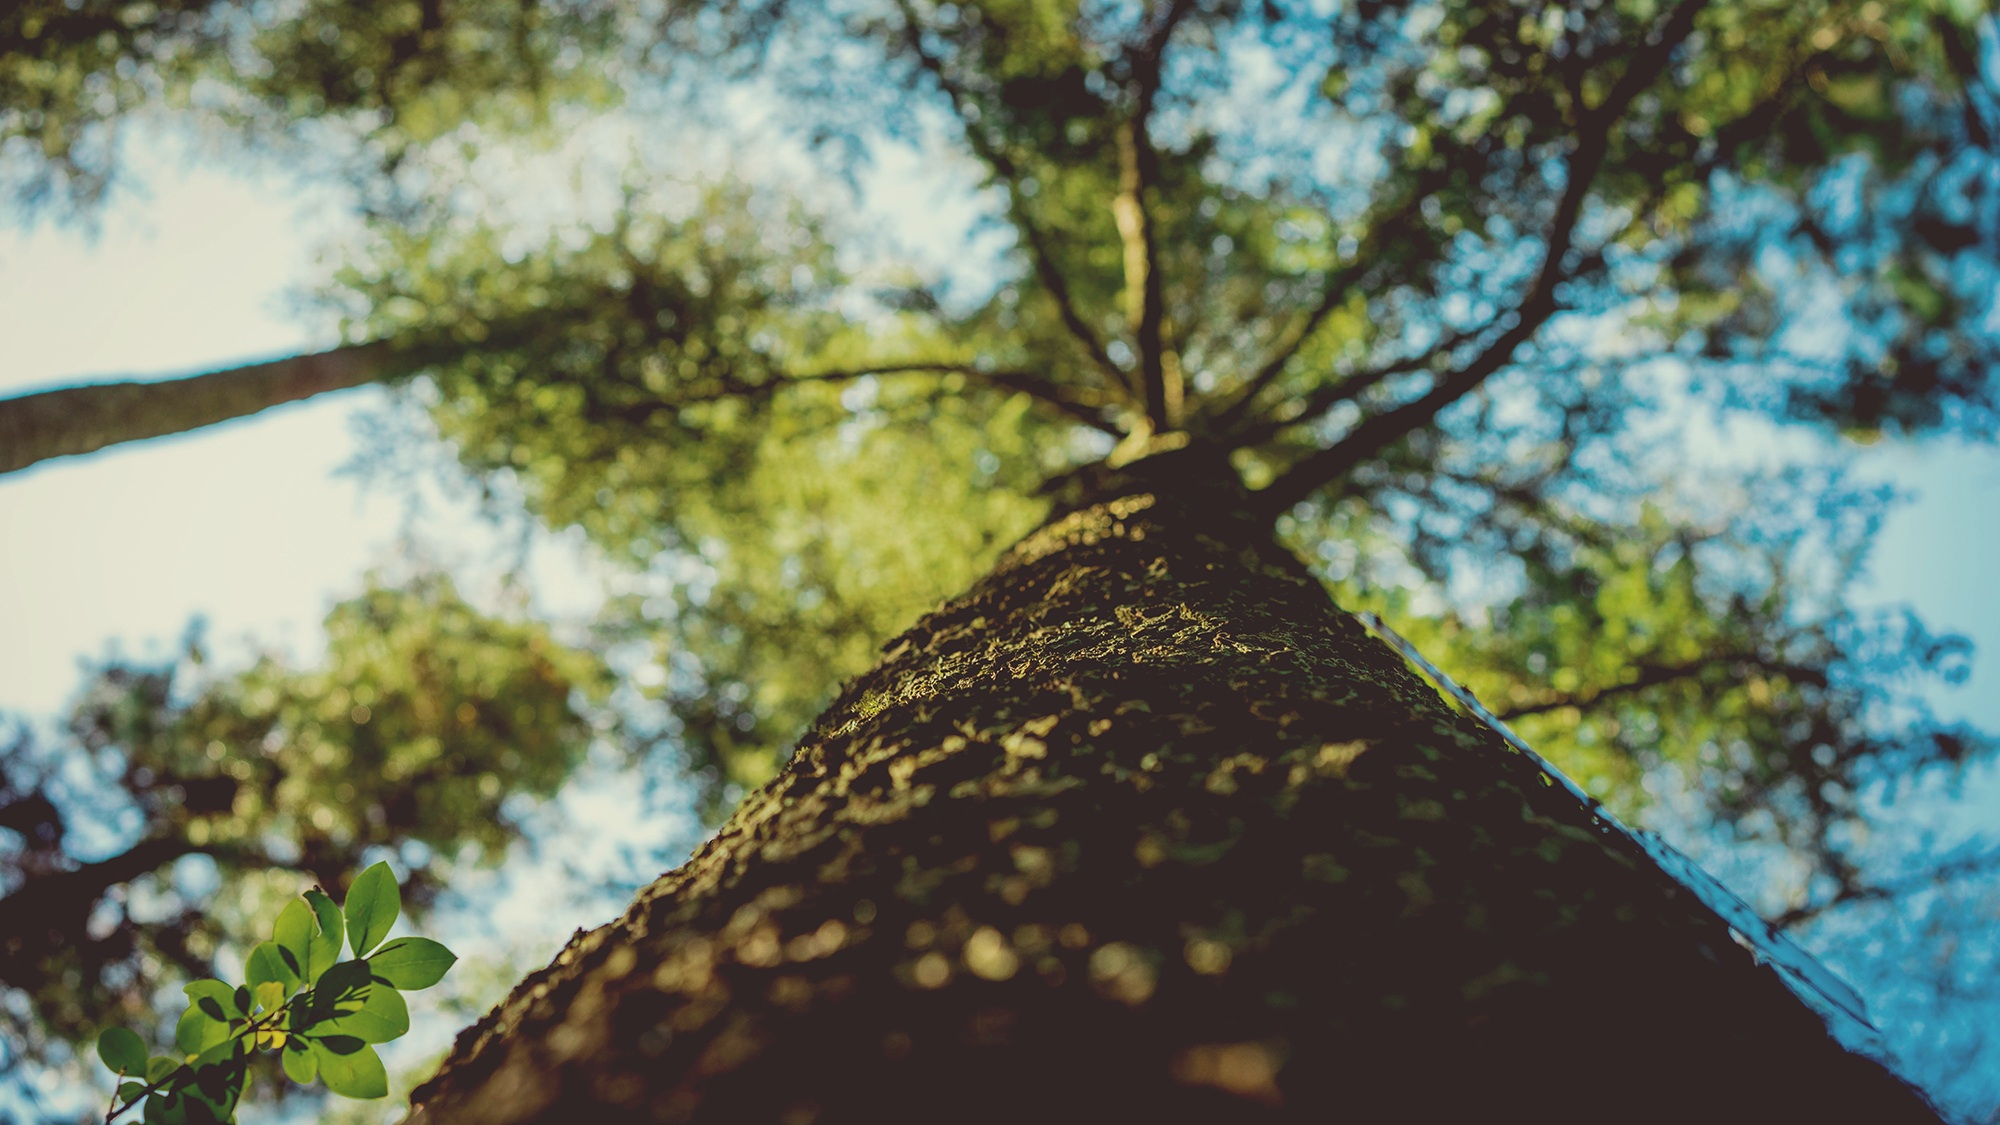 شجرة, الفروع, جذع, أوراق, السماء, تطور - خلفيات عالية الدقة - أستاذ falken.com